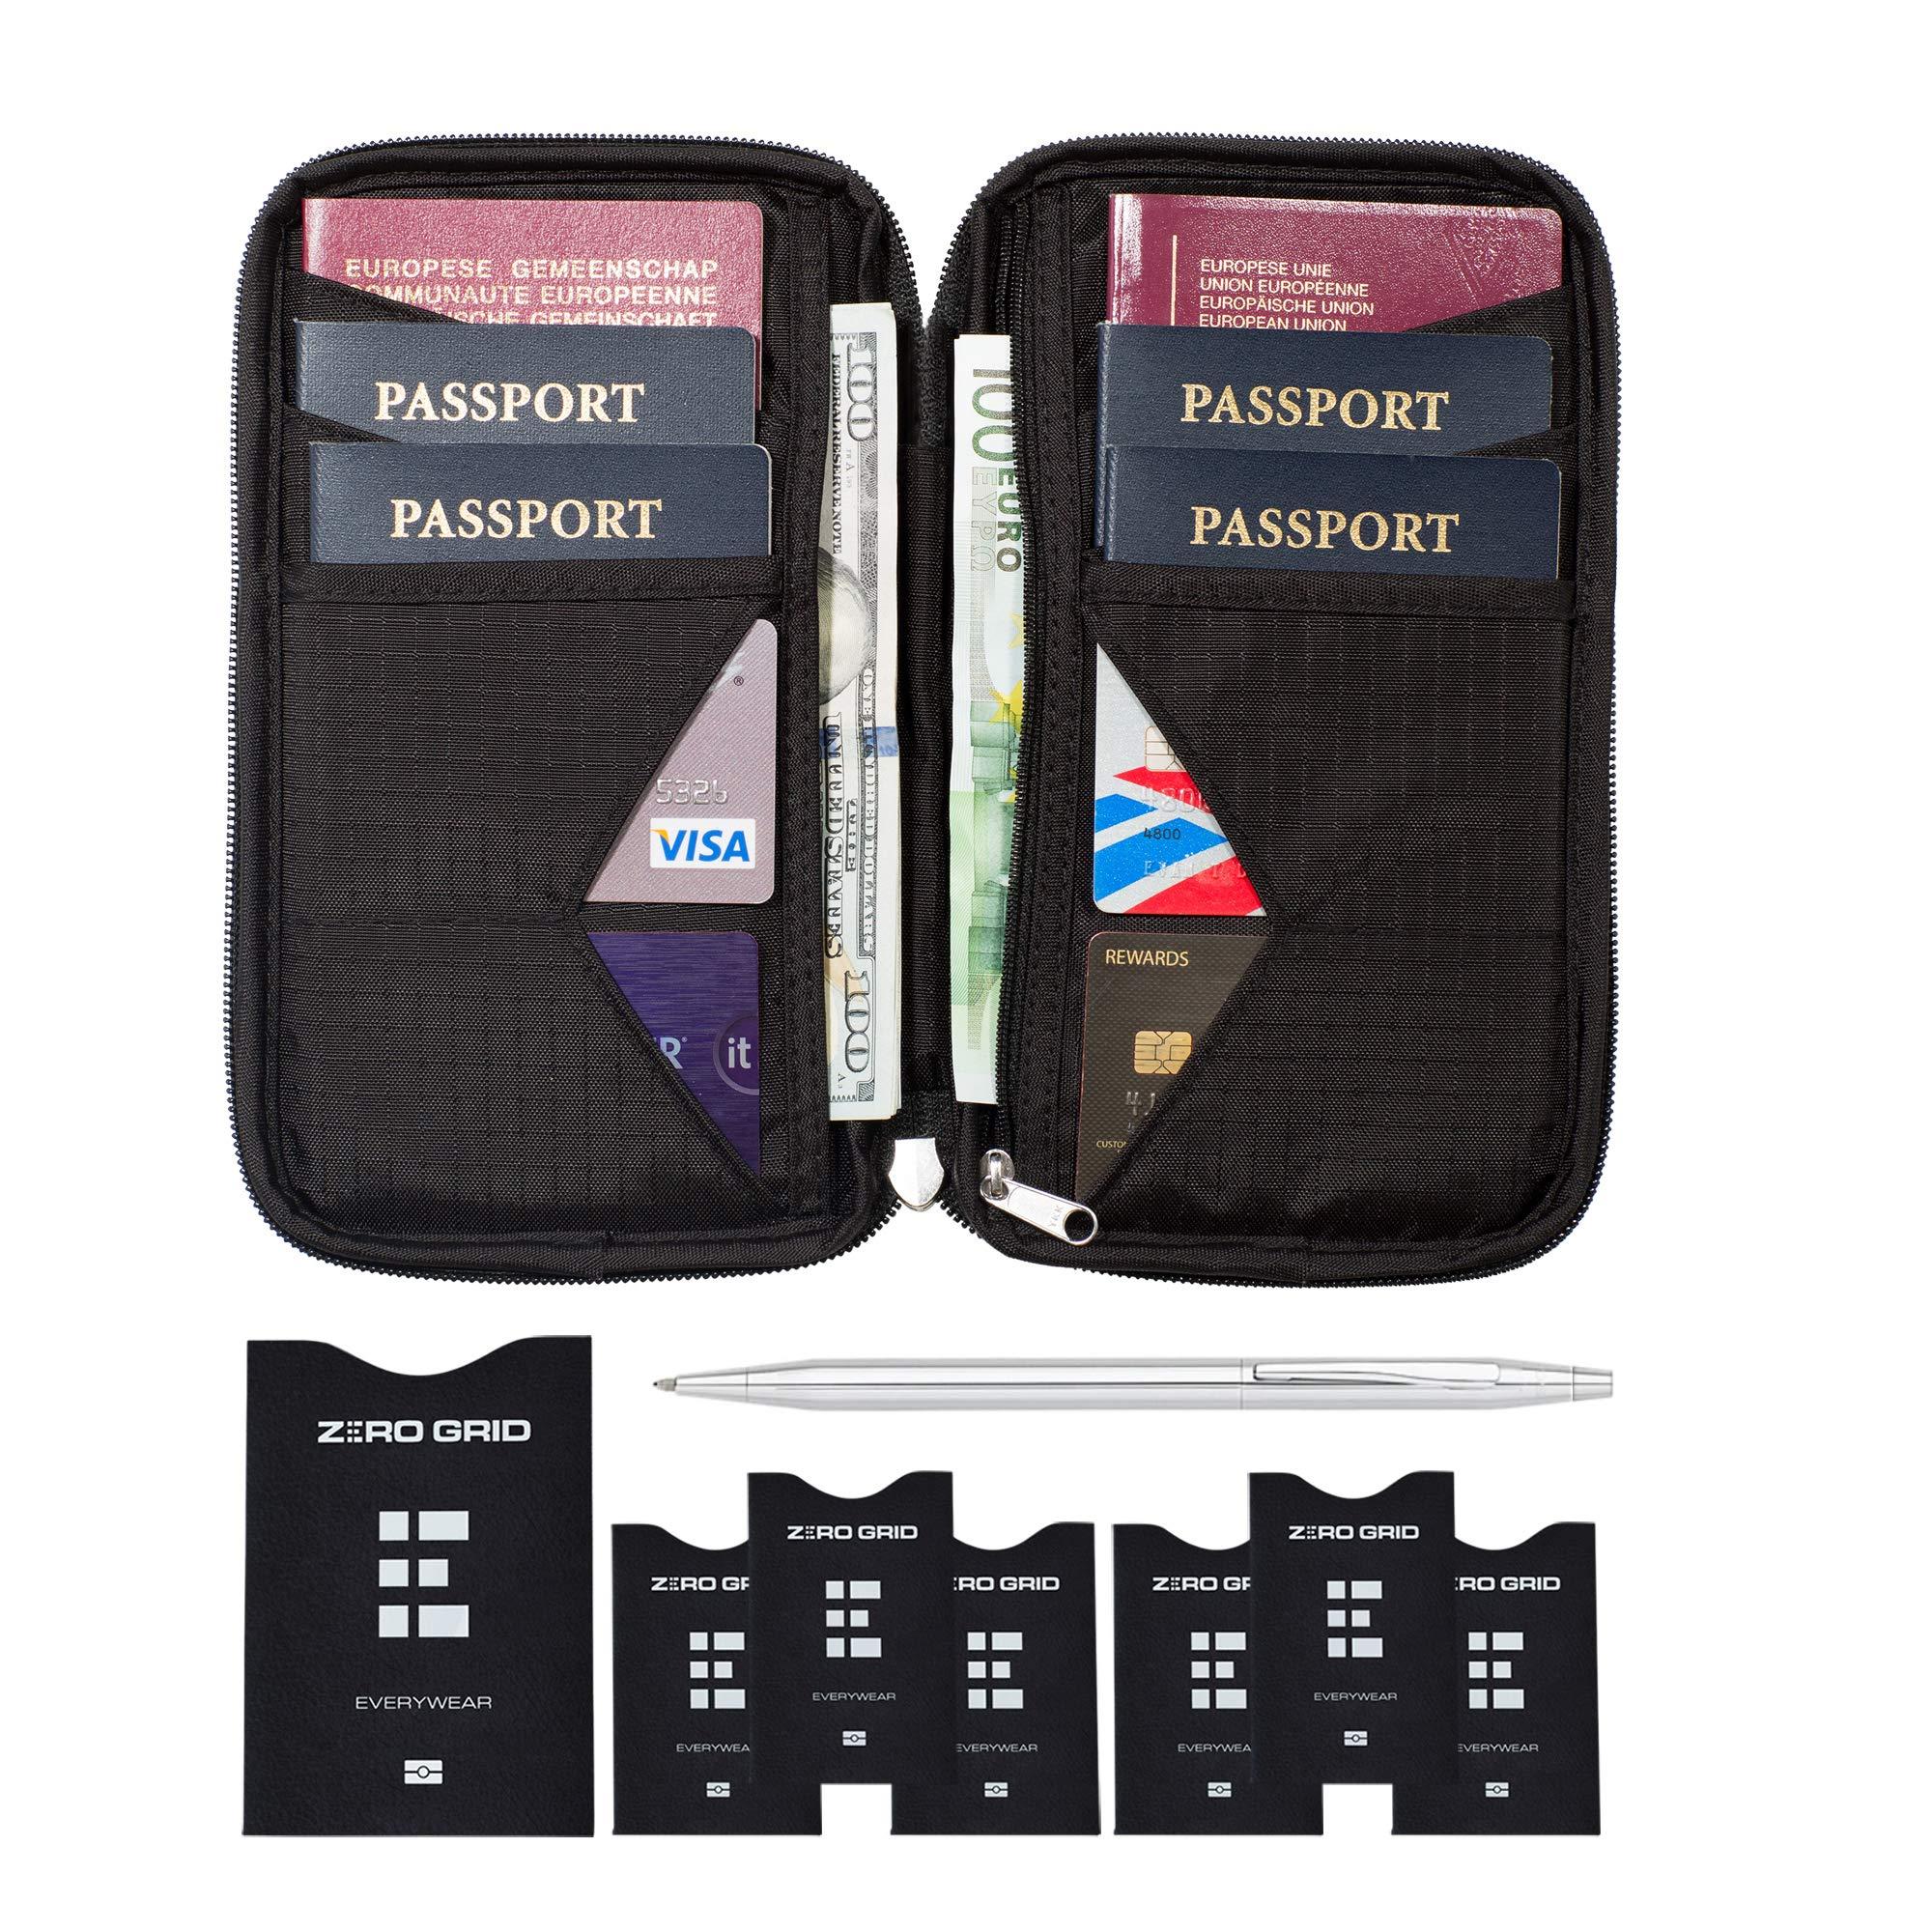 Travel Wallet & Family Passport Holder w/RFID Blocking- Document Organizer Case ... by Zero Grid